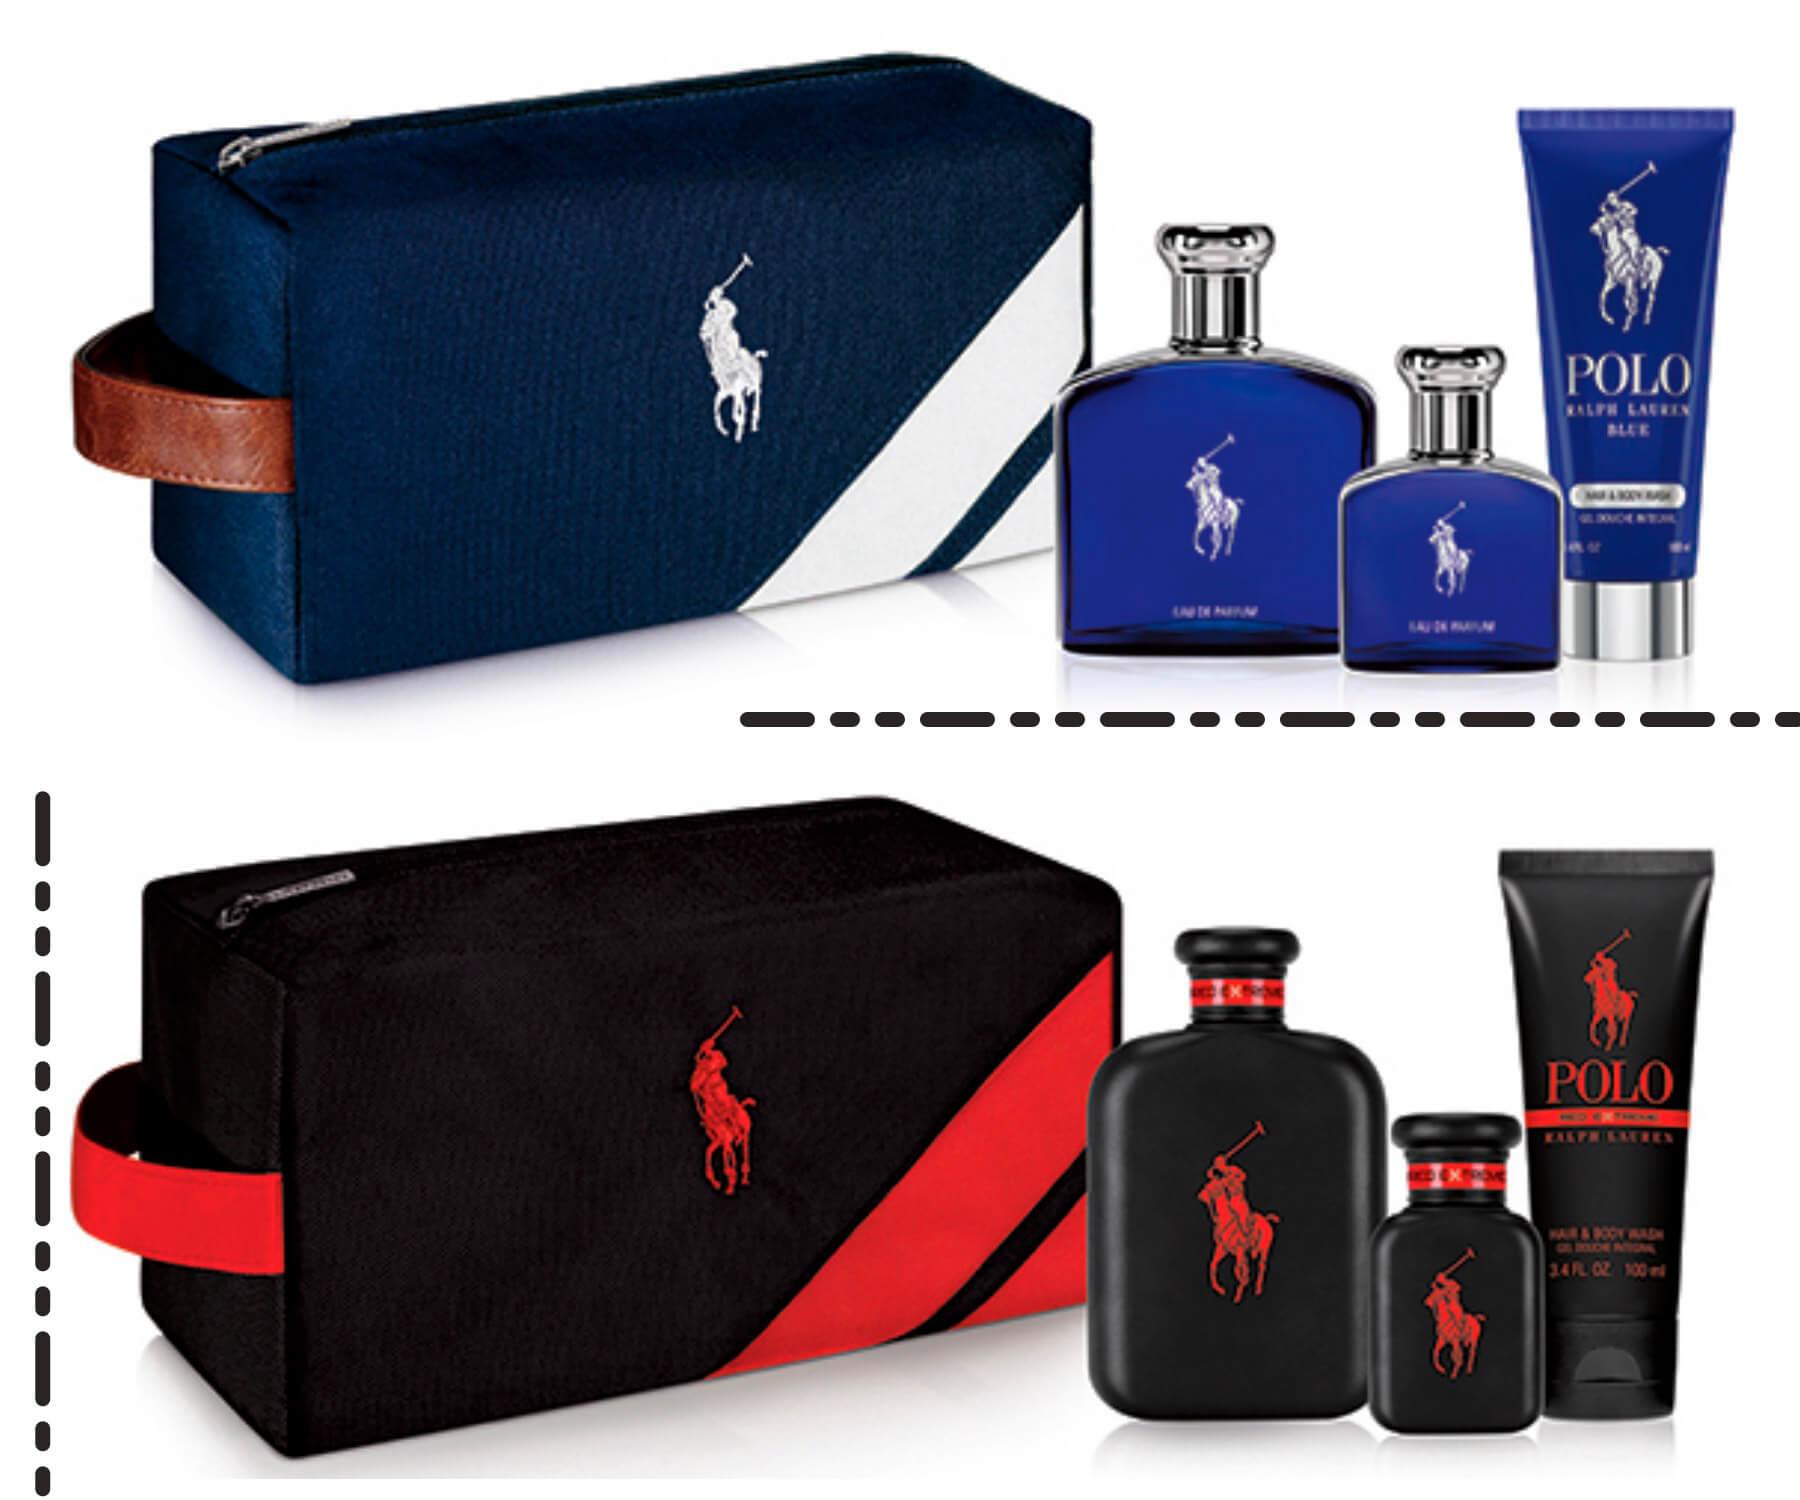 Lançamentos Sephora de Ralf Lauren, apresenta dois kits presentaveis das fragrâncias masculinas Polo Red Extreme e Polo Blue